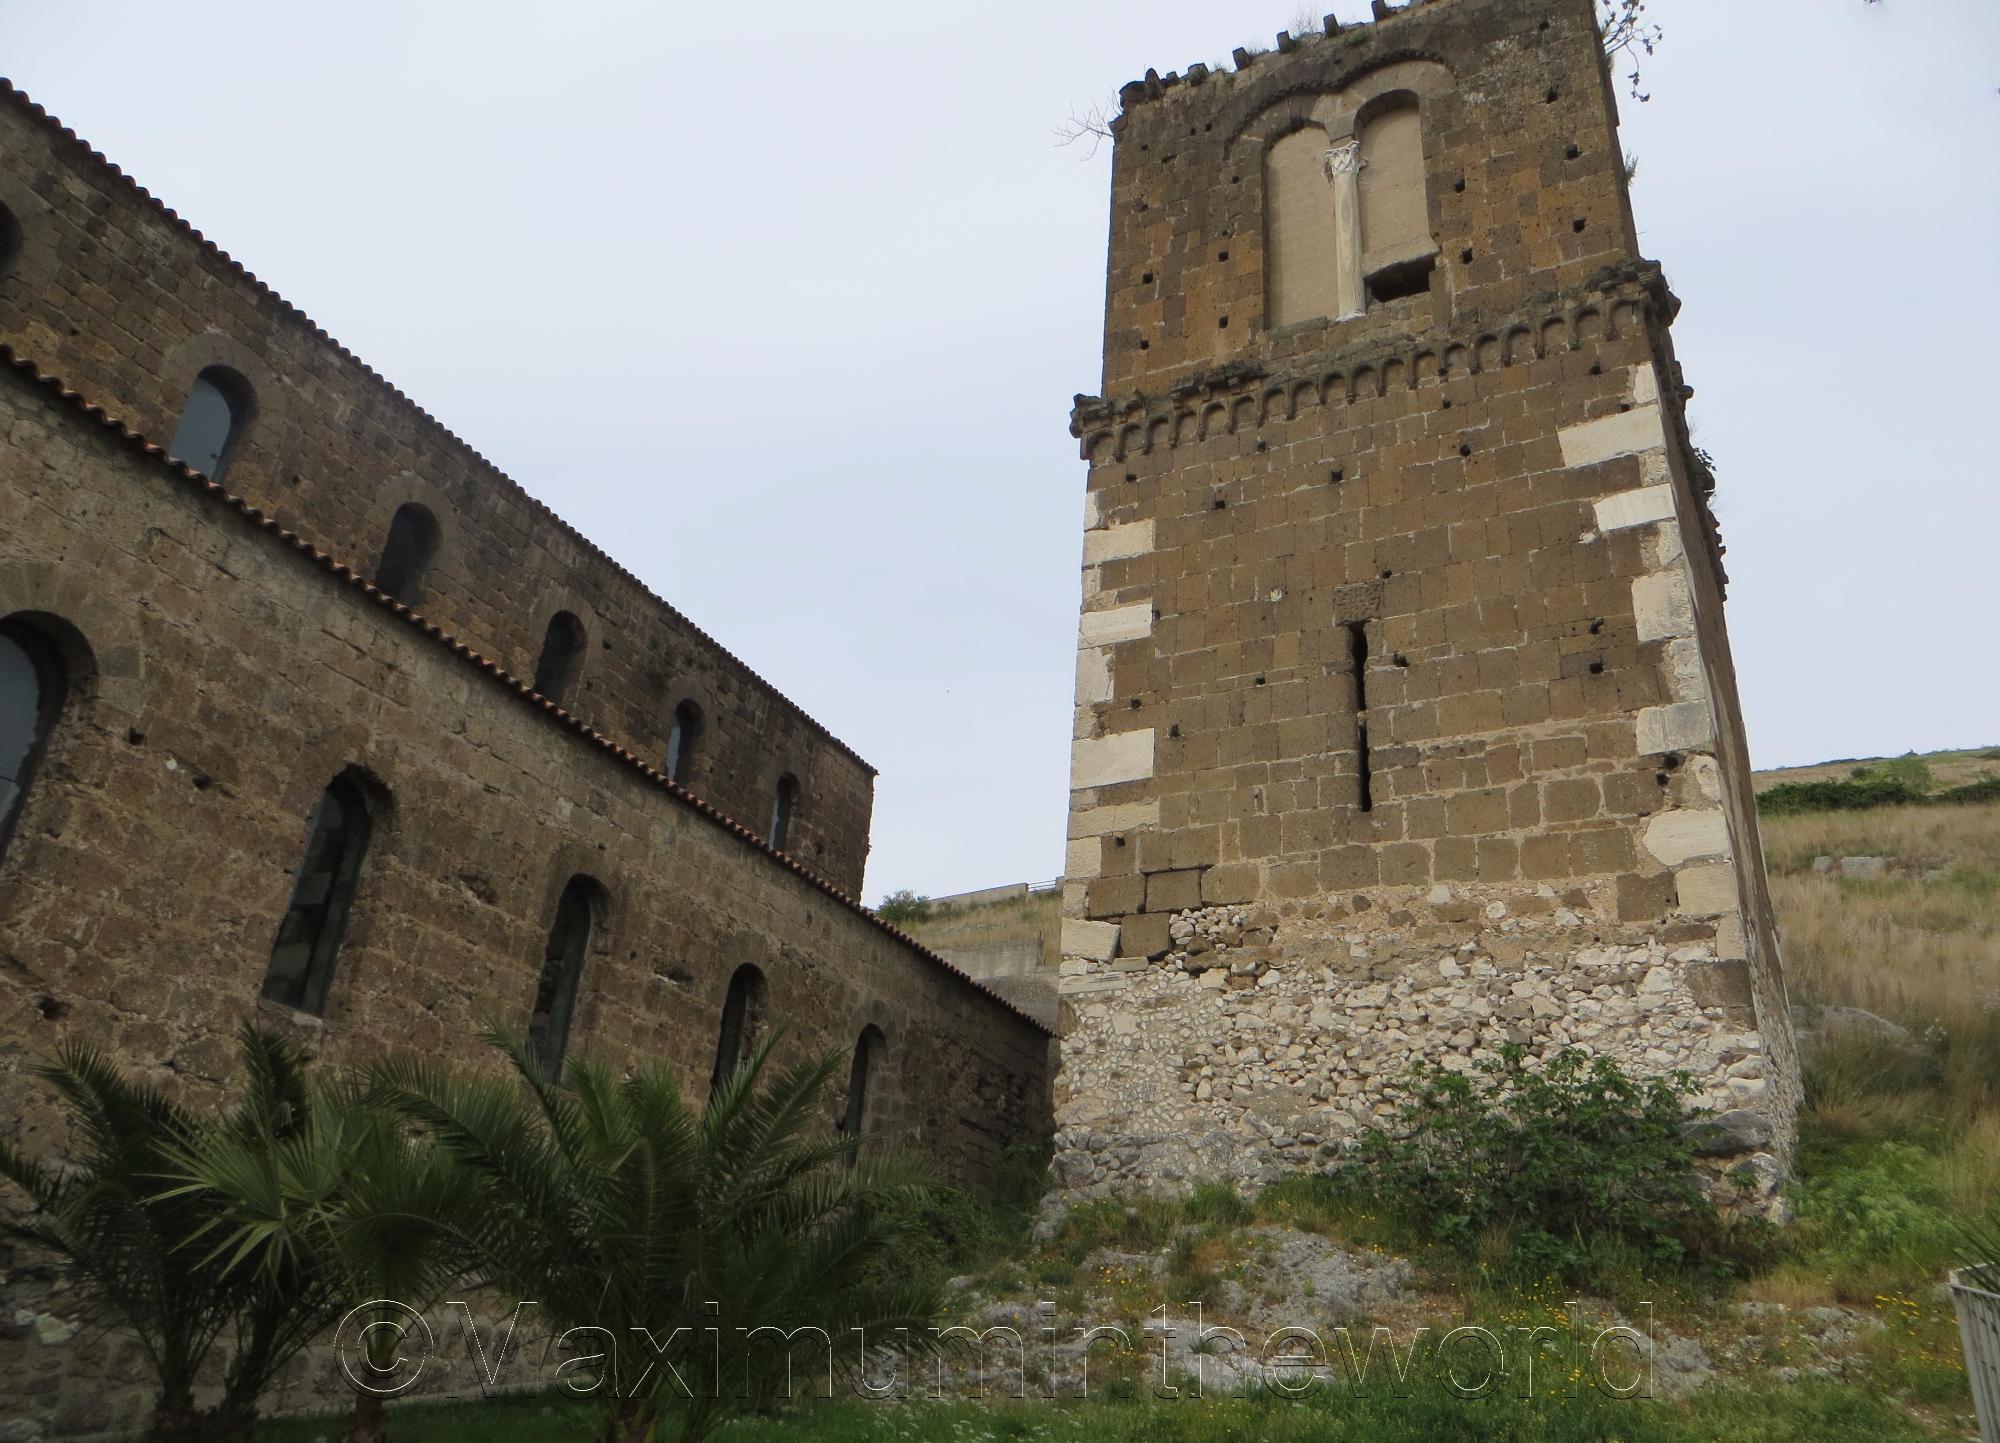 Abbazia di San Pietro ad Montes